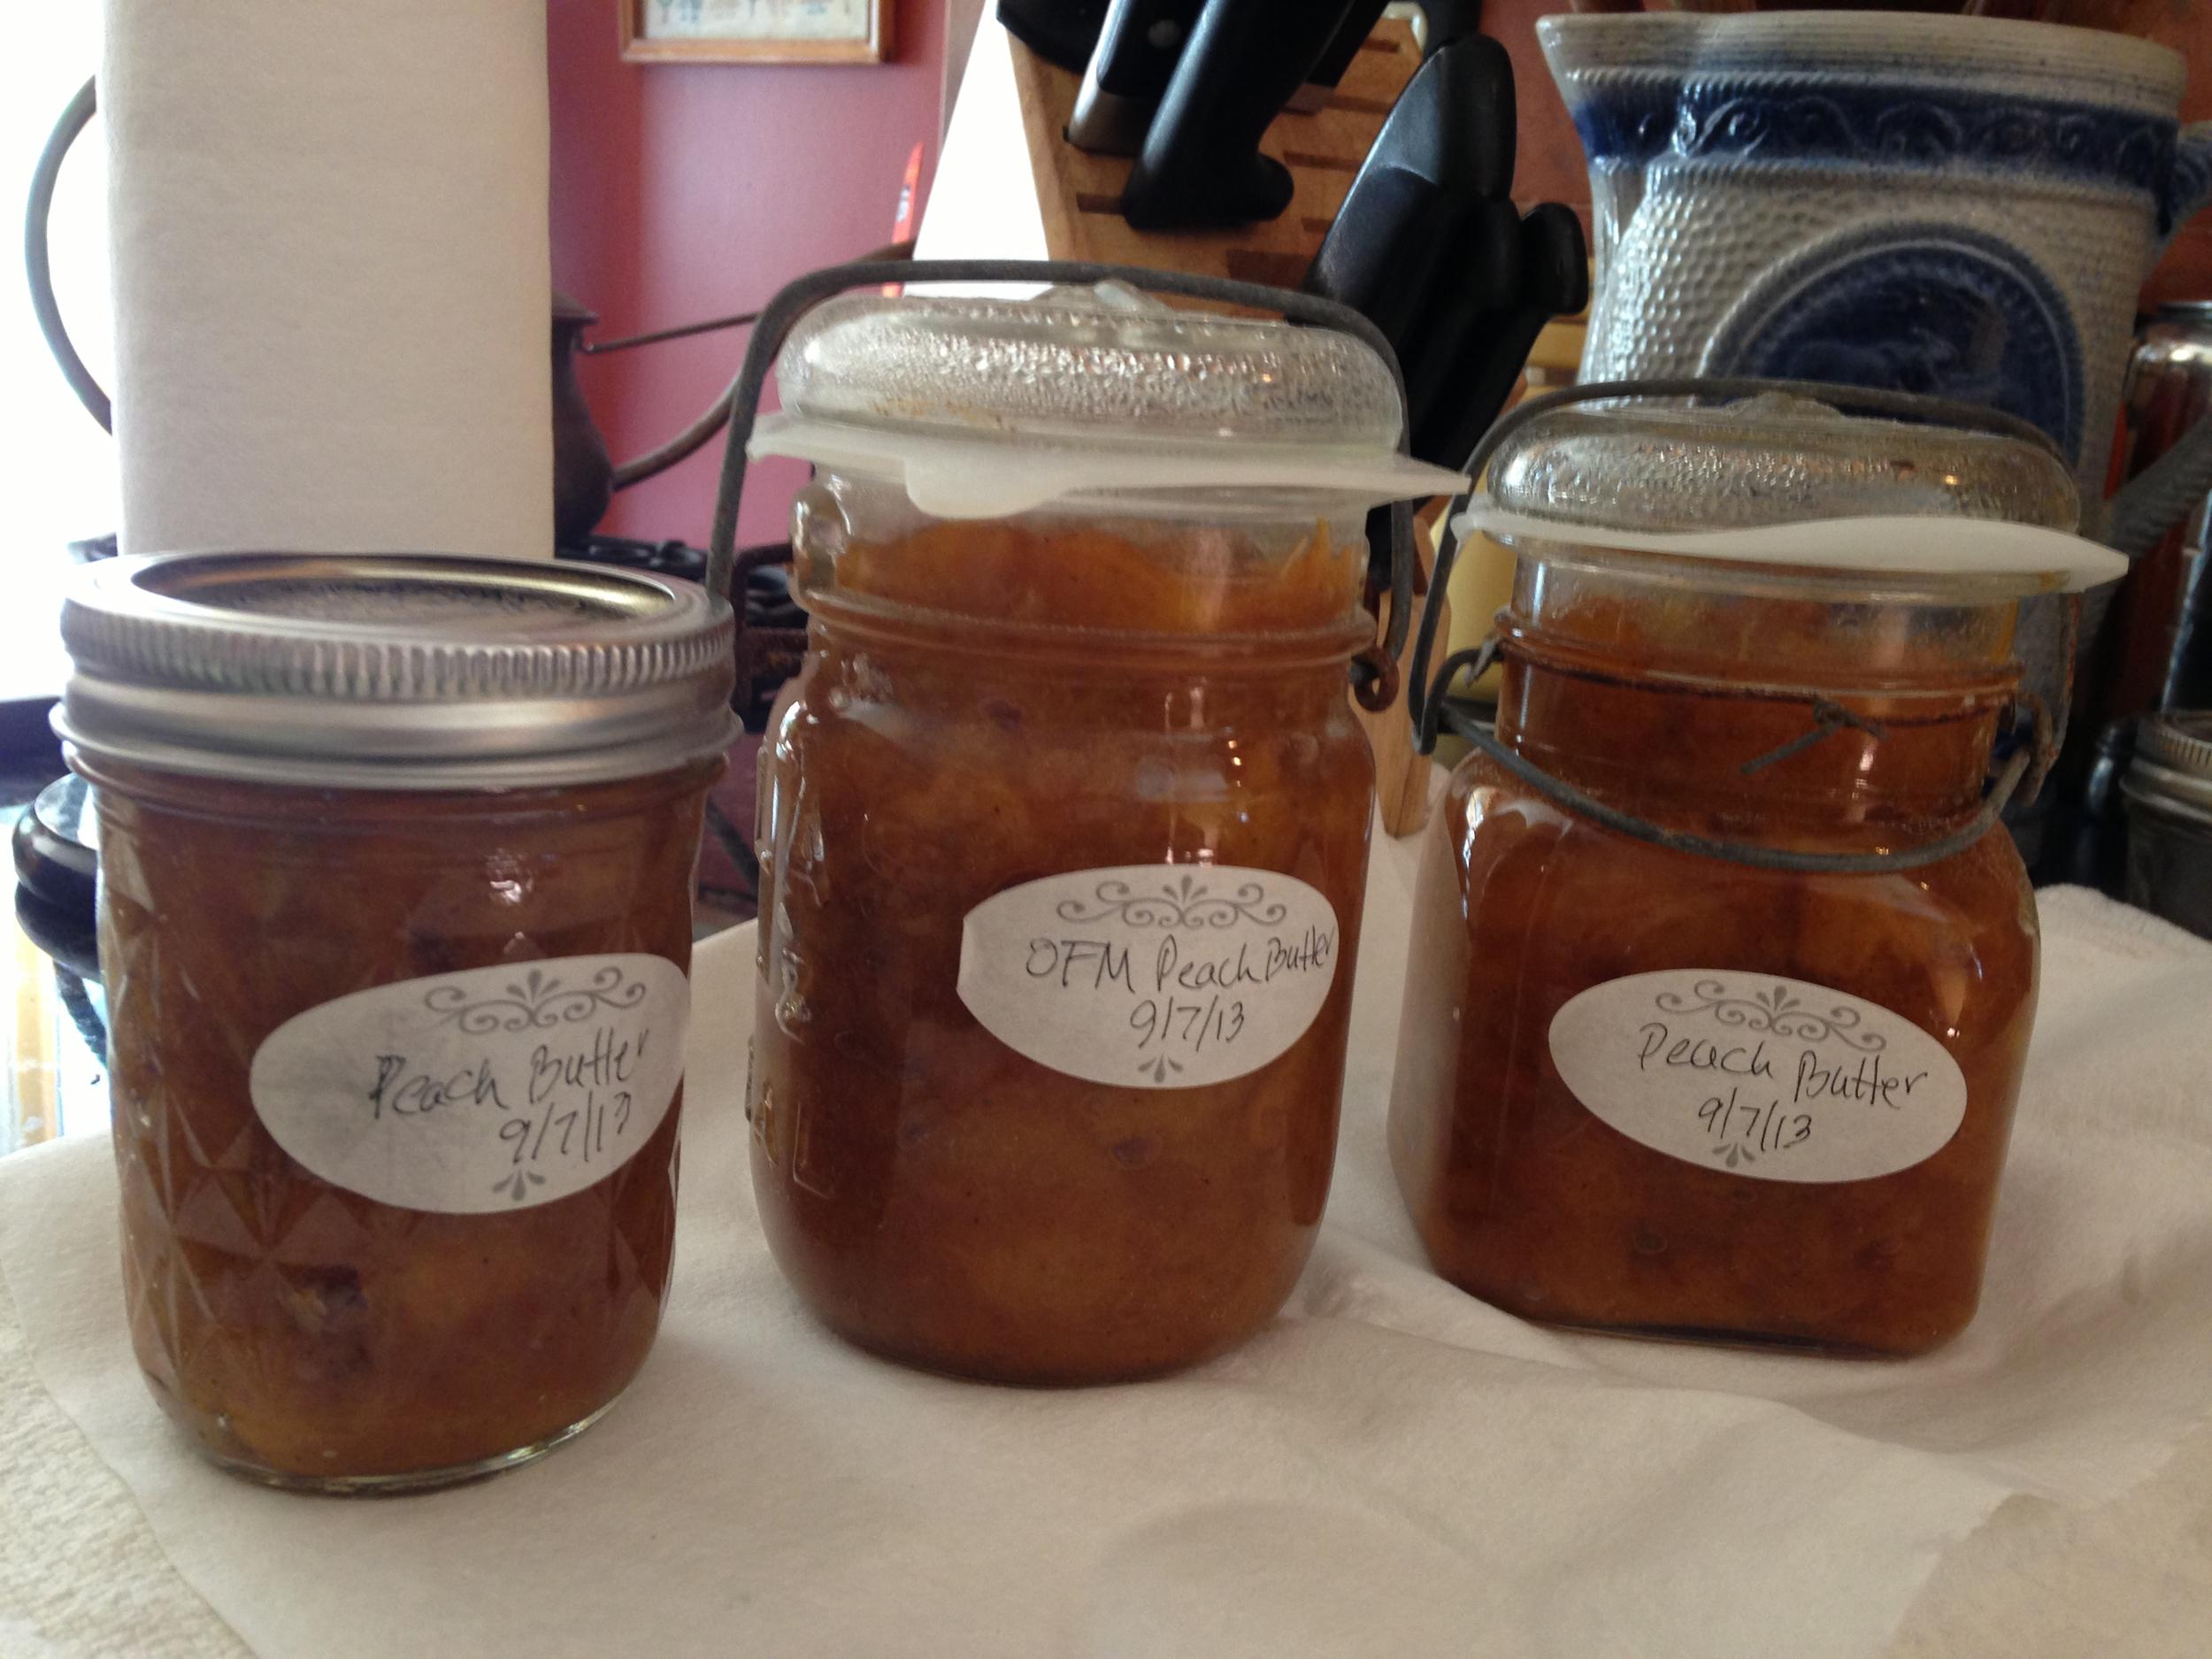 peach butter jars.jpg